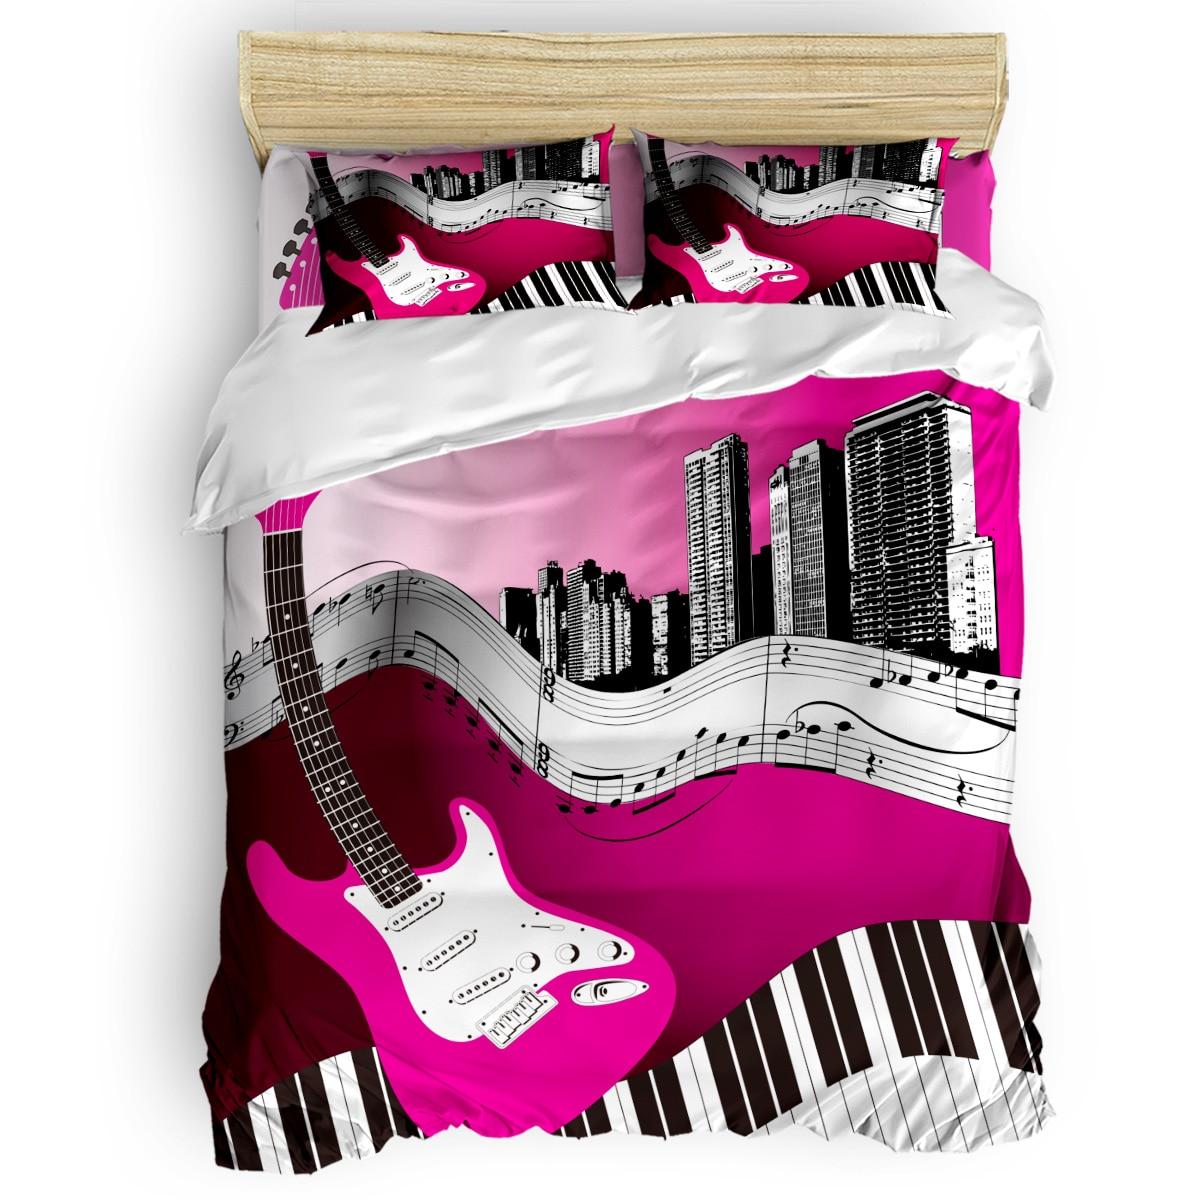 Guitare électrique rose Notes de Piano veille de tous les Saint jours couette ensemble de literie Thanksgiving jour couette ensembles noël jour Childre